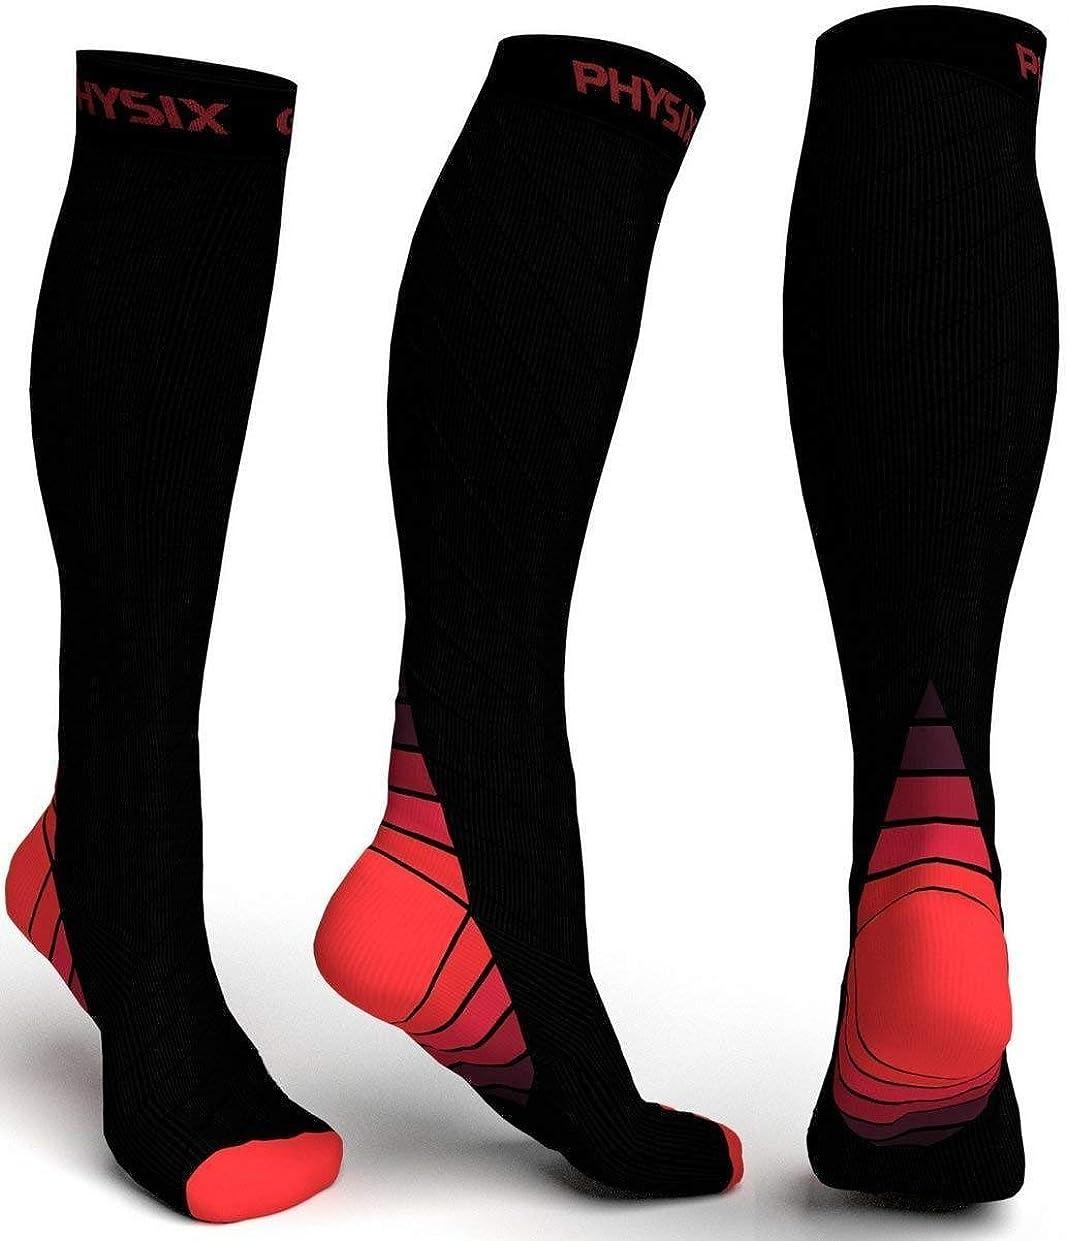 豊富な大砲租界Physix Gearコンプレッションソックス男性用/女性用(20?30 mmHg)最高の段階的なフィット ランニング、看護、過労性脛部痛、フライトトラベル&マタニティ妊娠 – スタミナ、循環&回復 (BLACK & RED S-M)